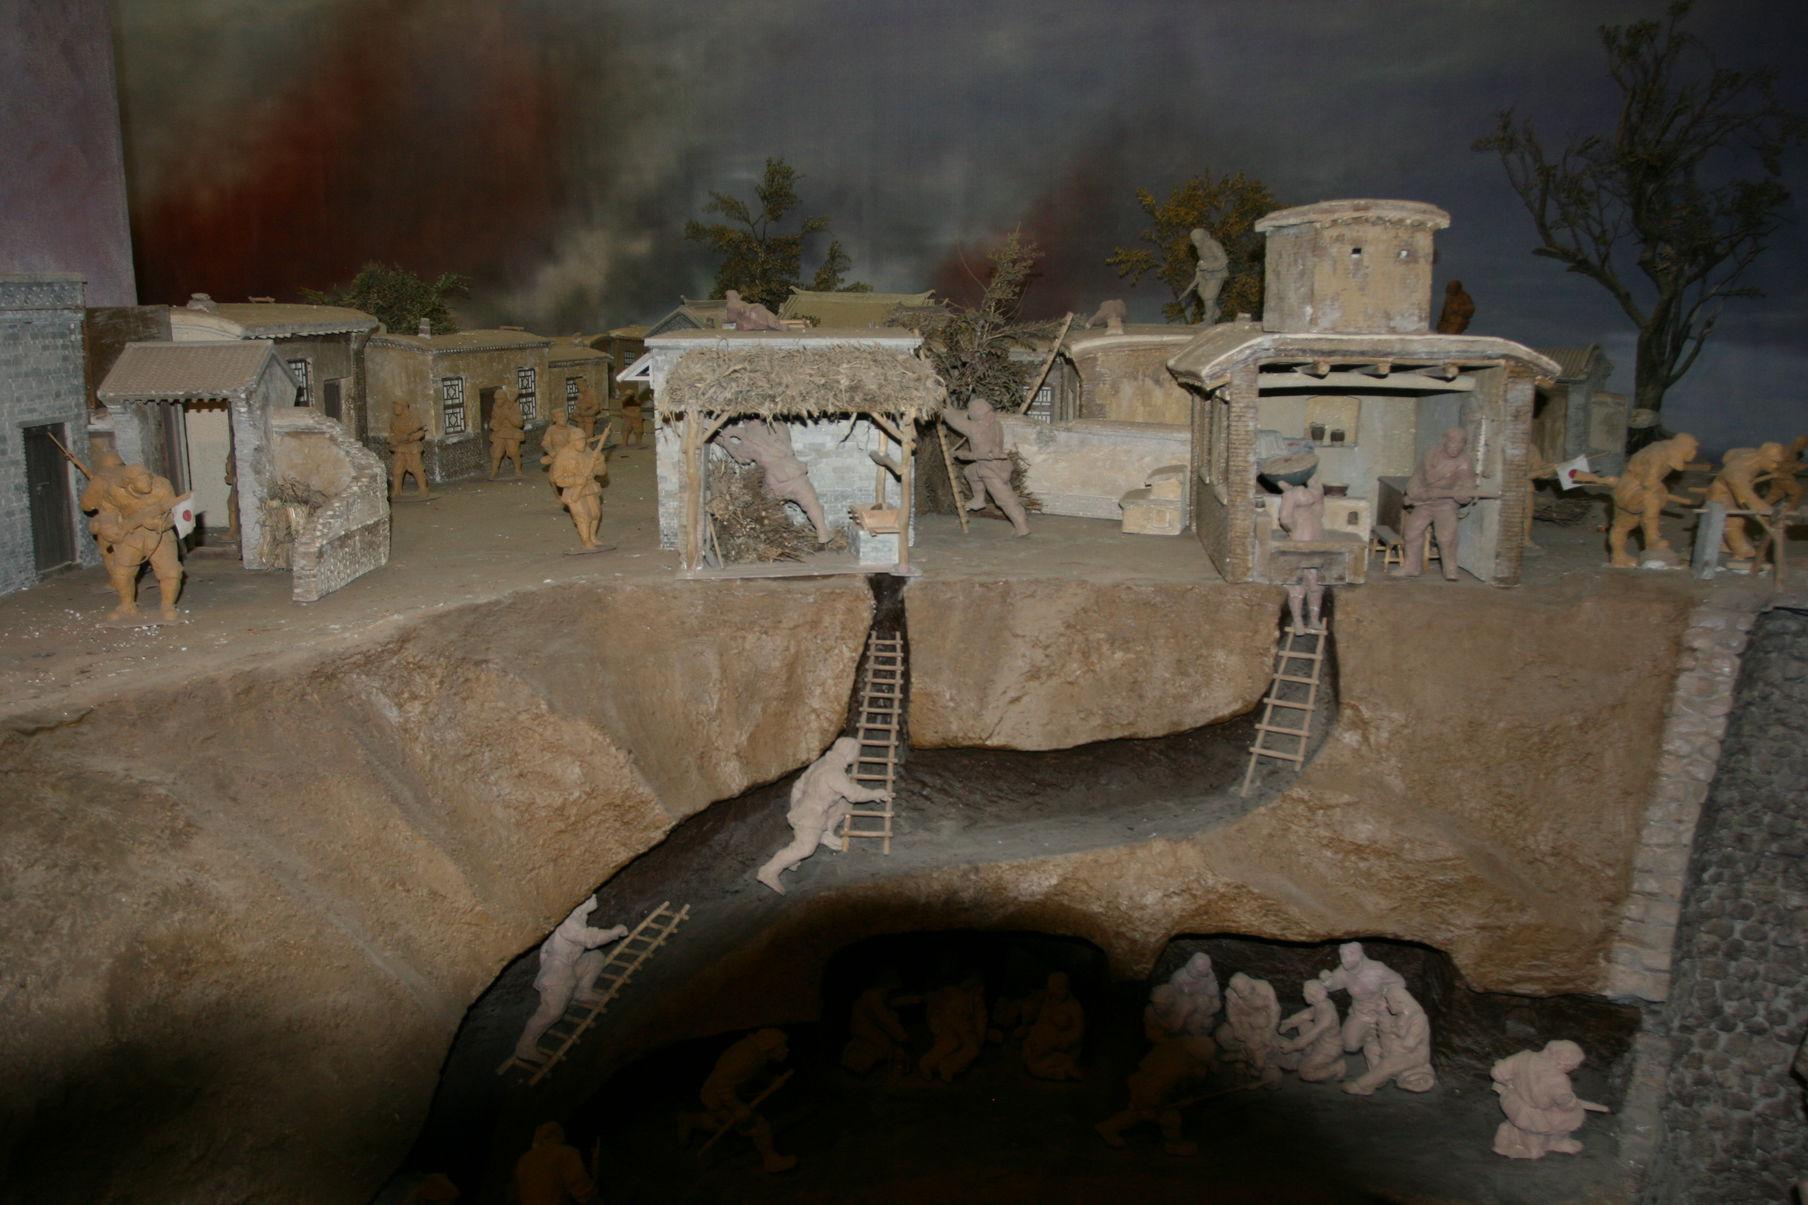 地道战电影_他们的事迹被改编成了电影英雄的冉庄民兵先后作战157次,其中进行地道